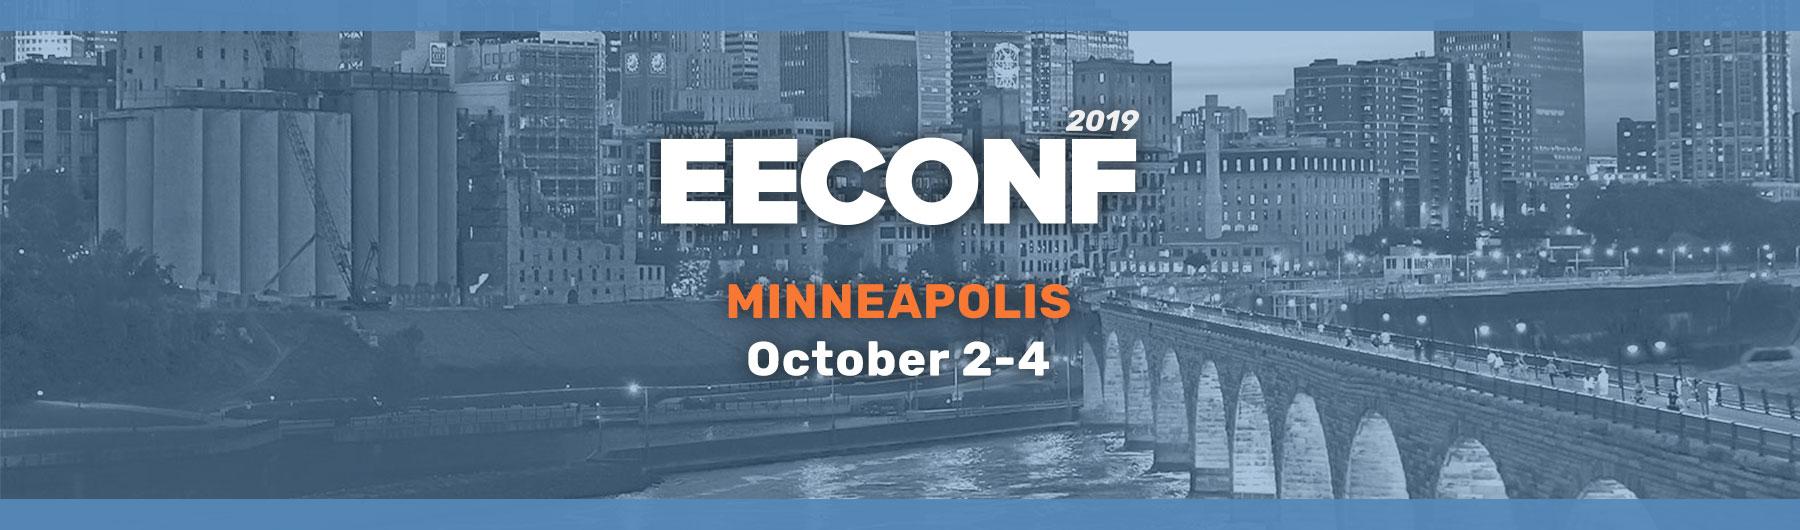 EEConf 2019